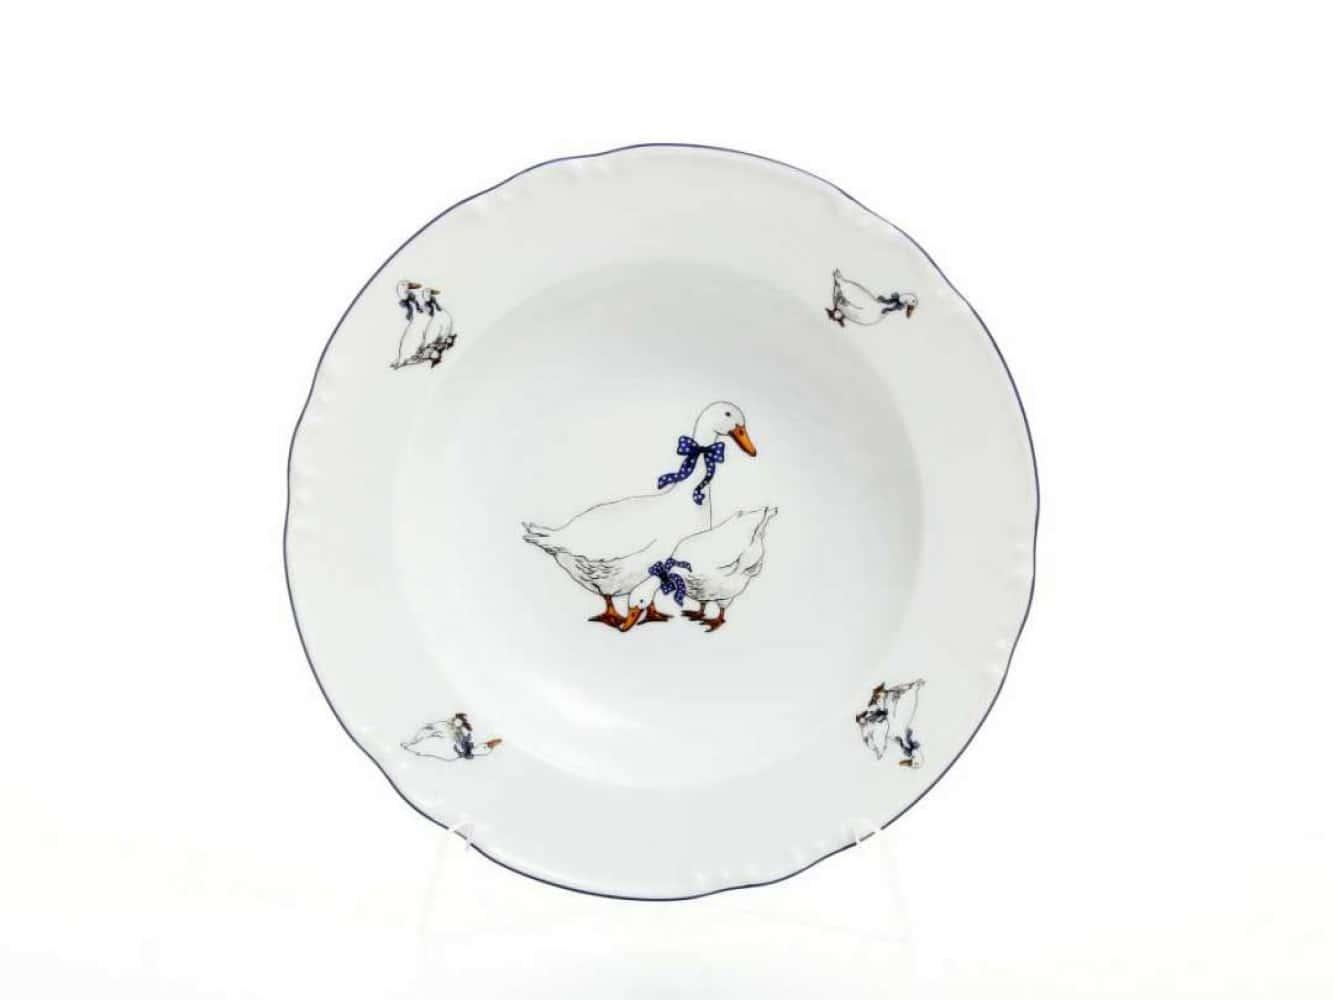 Набор глубоких тарелок Lifestyle 23 см Repast 42633